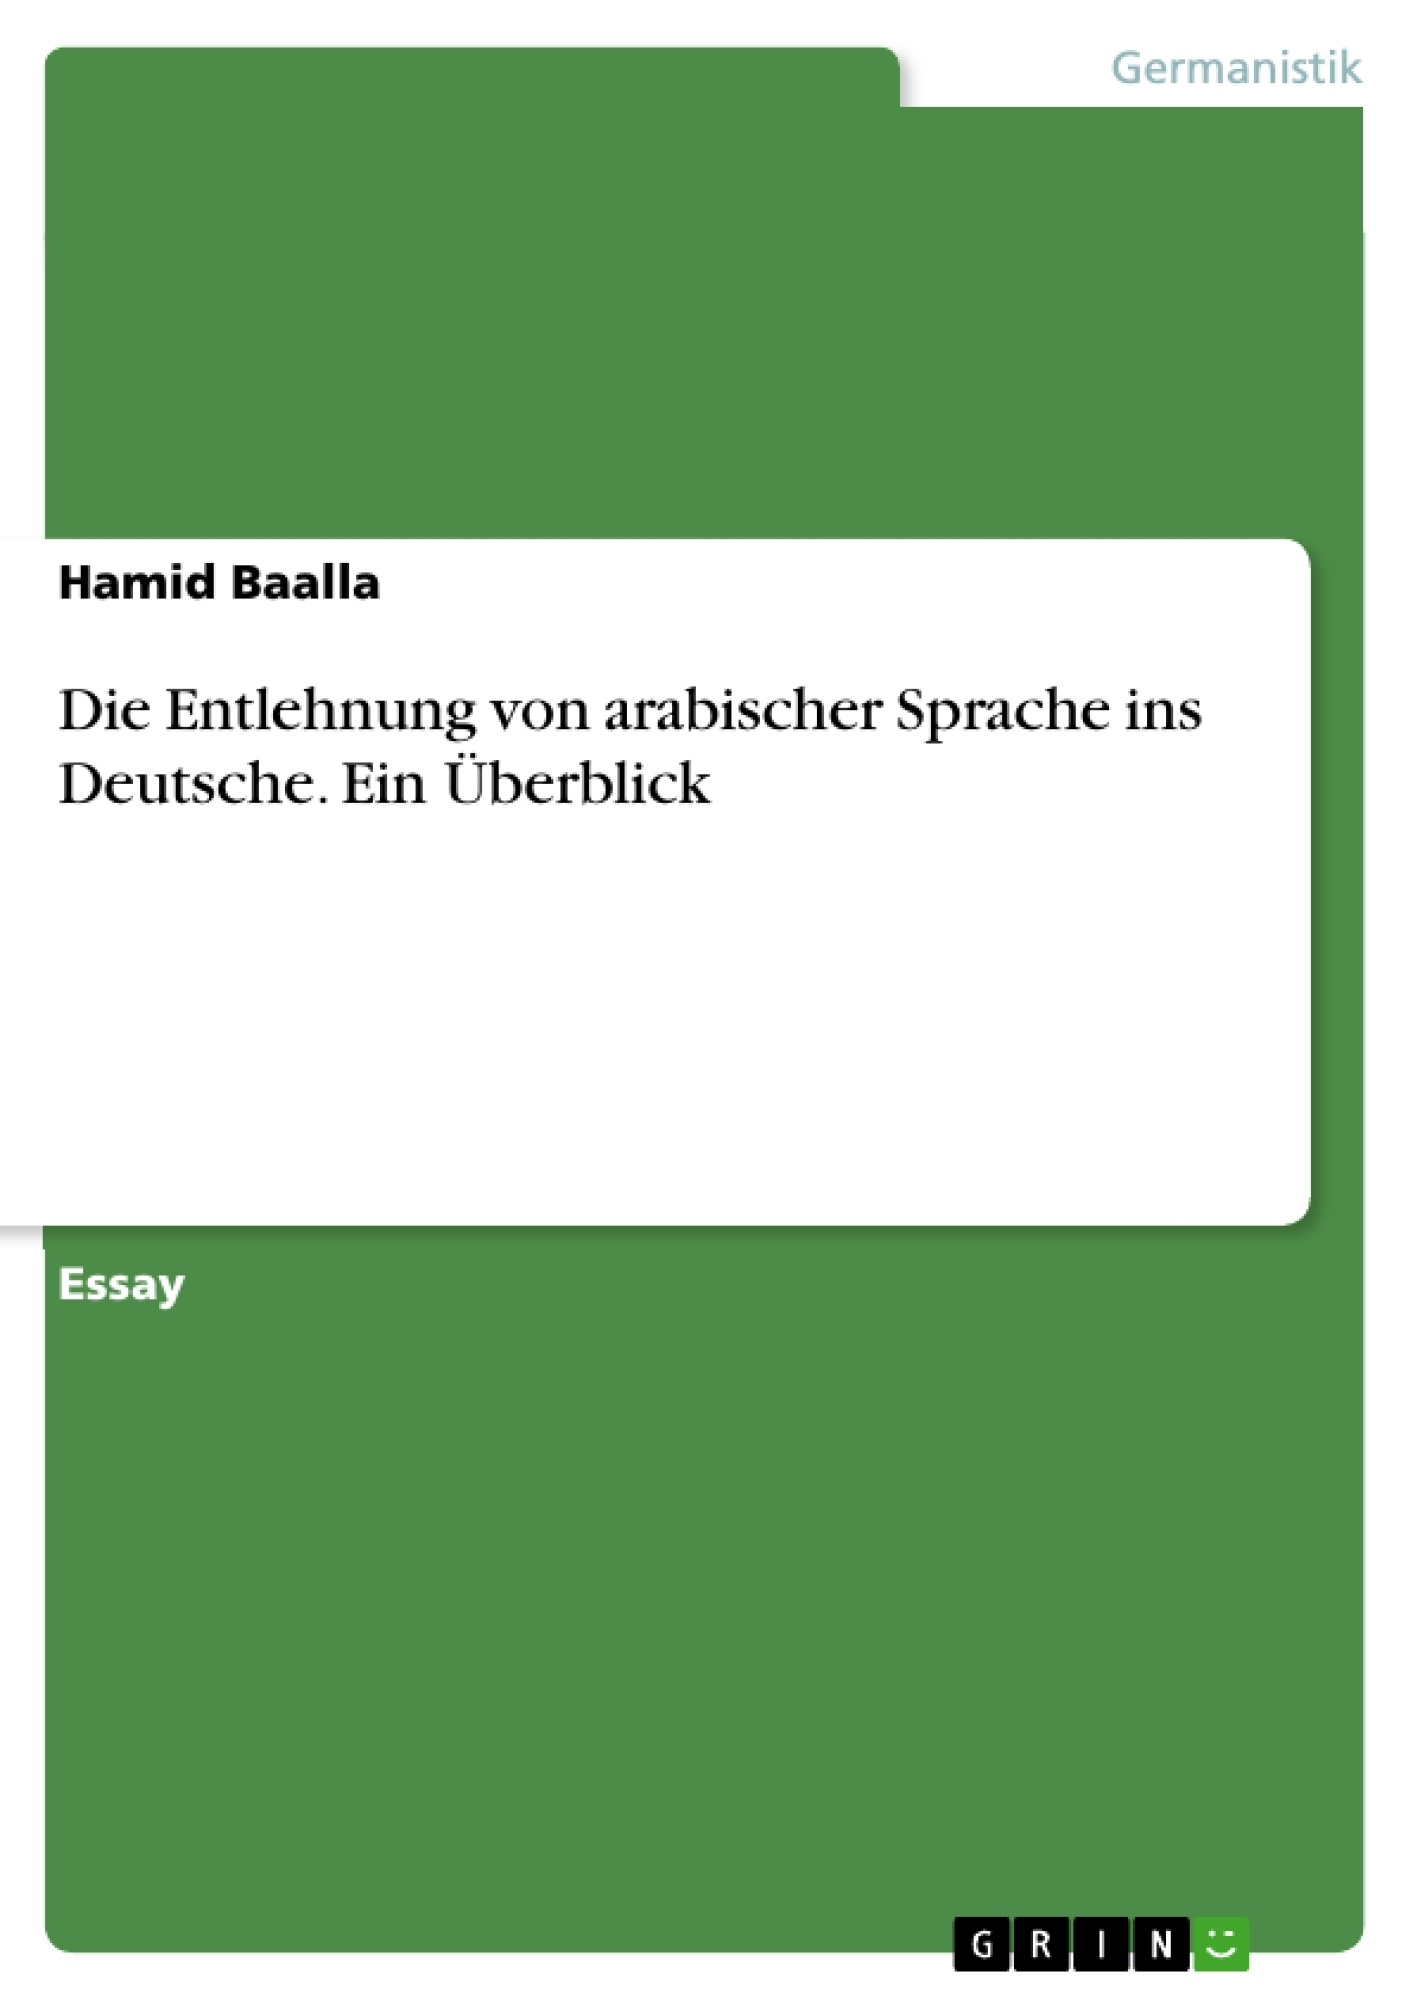 Titel: Die Entlehnung von arabischer Sprache ins Deutsche. Ein Überblick